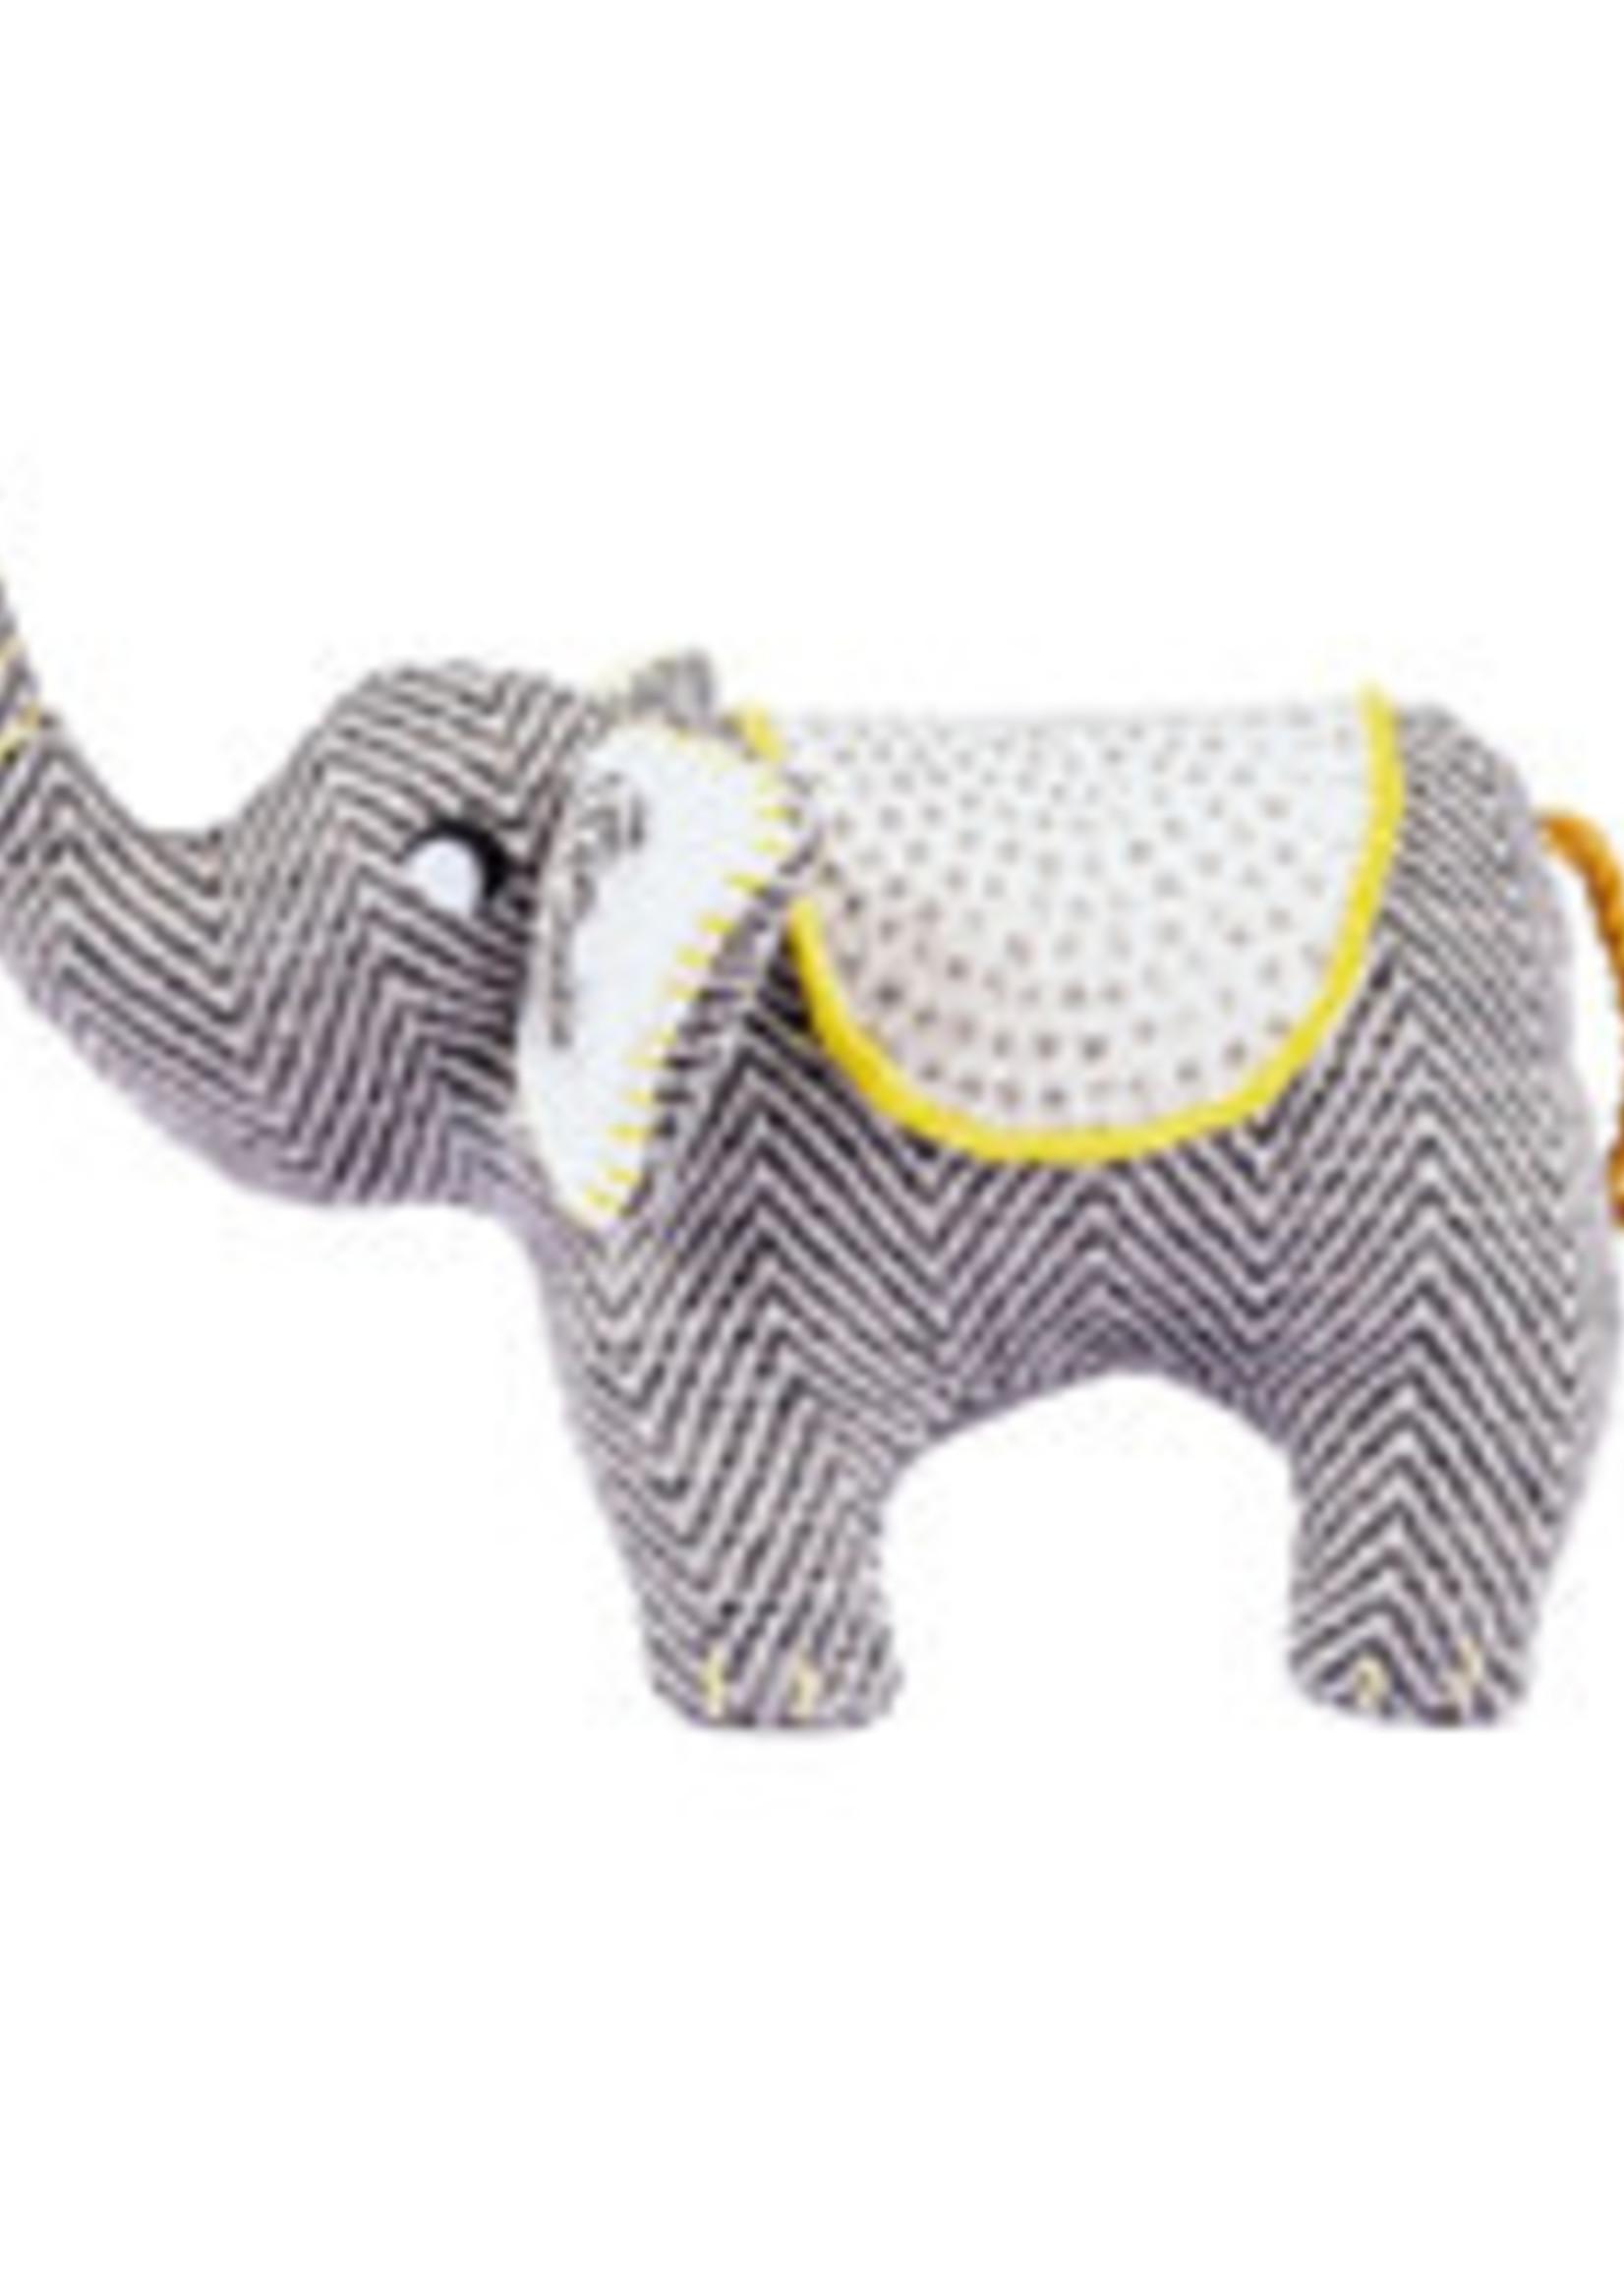 RESPLOOT Sri Lanka Asian Elephant Dog Toy